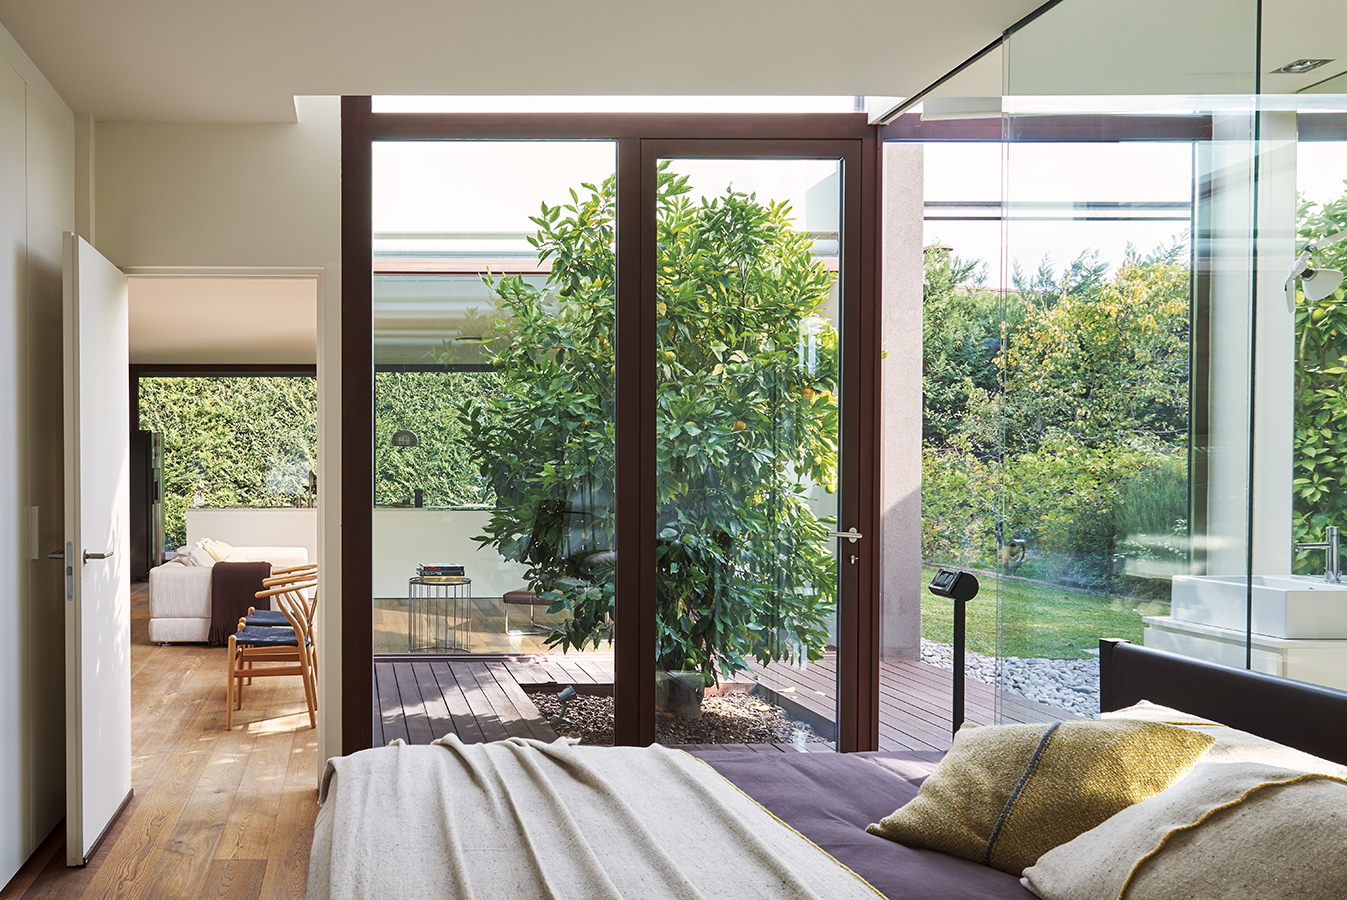 5 claves para que tus ventanas ahorren energía